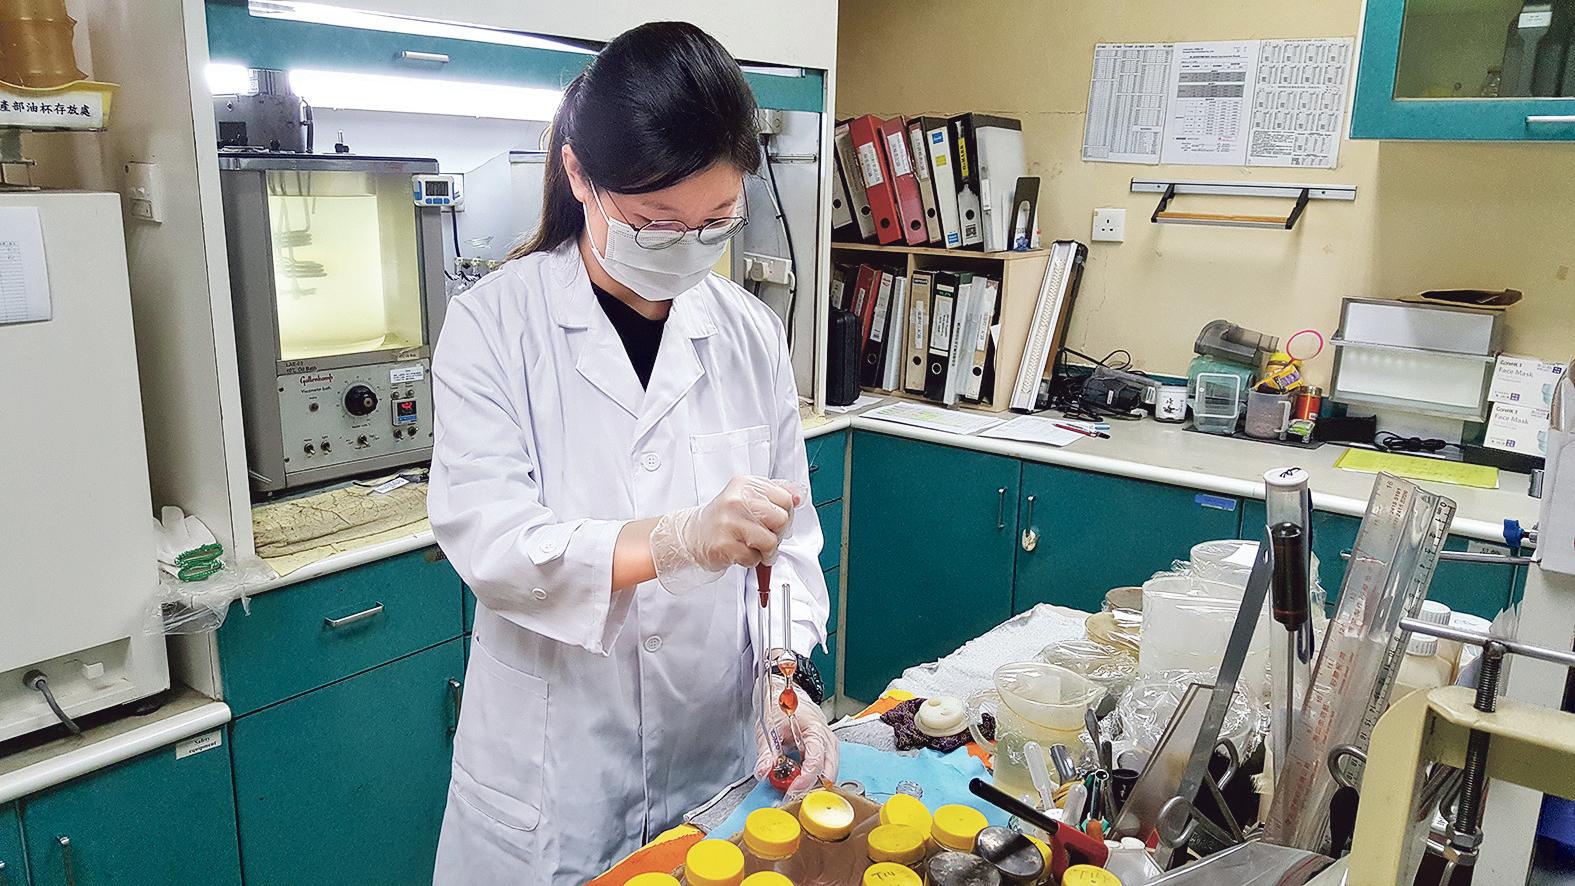 Joyce於實習期間,需進行不同的測試,以控制油質及水質。